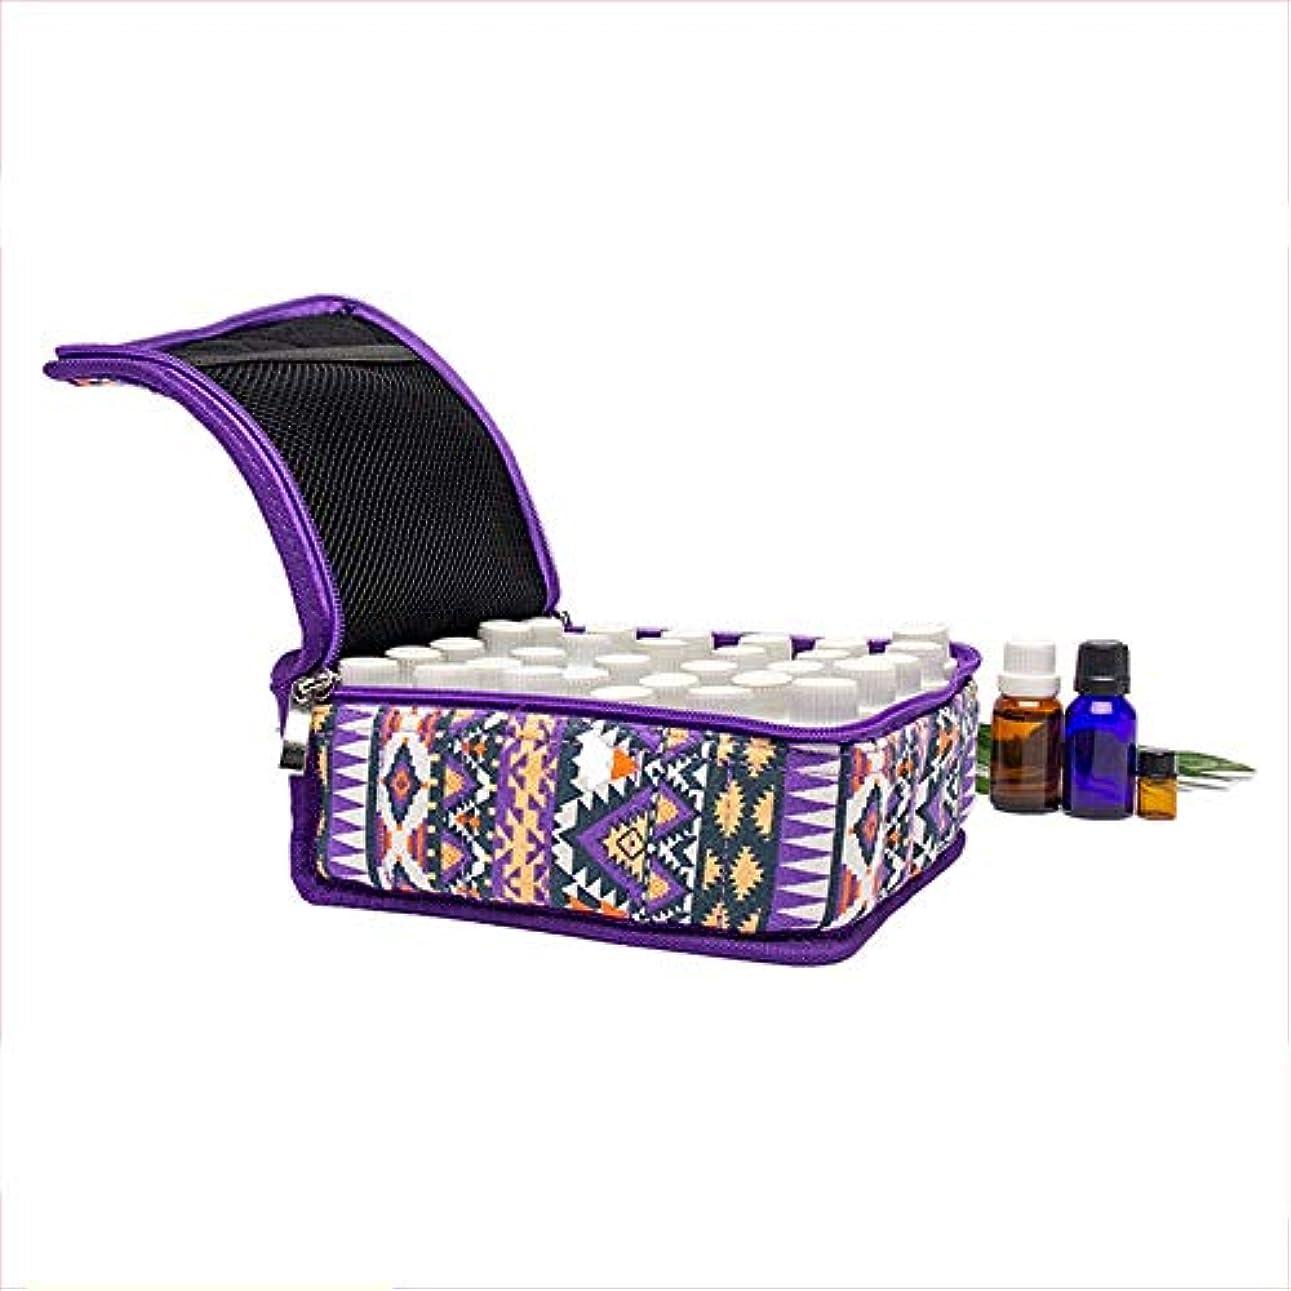 軽蔑するドループ形状エッセンシャルオイル収納ボックス エッセンシャルオイル収納ケース旅行エッセンシャルオイルキャリングケースは、30本のボトル10ミリリットルバイアルエッセンシャルオイルオーガナイザーバッグを開催します (色 : 紫の, サイズ...